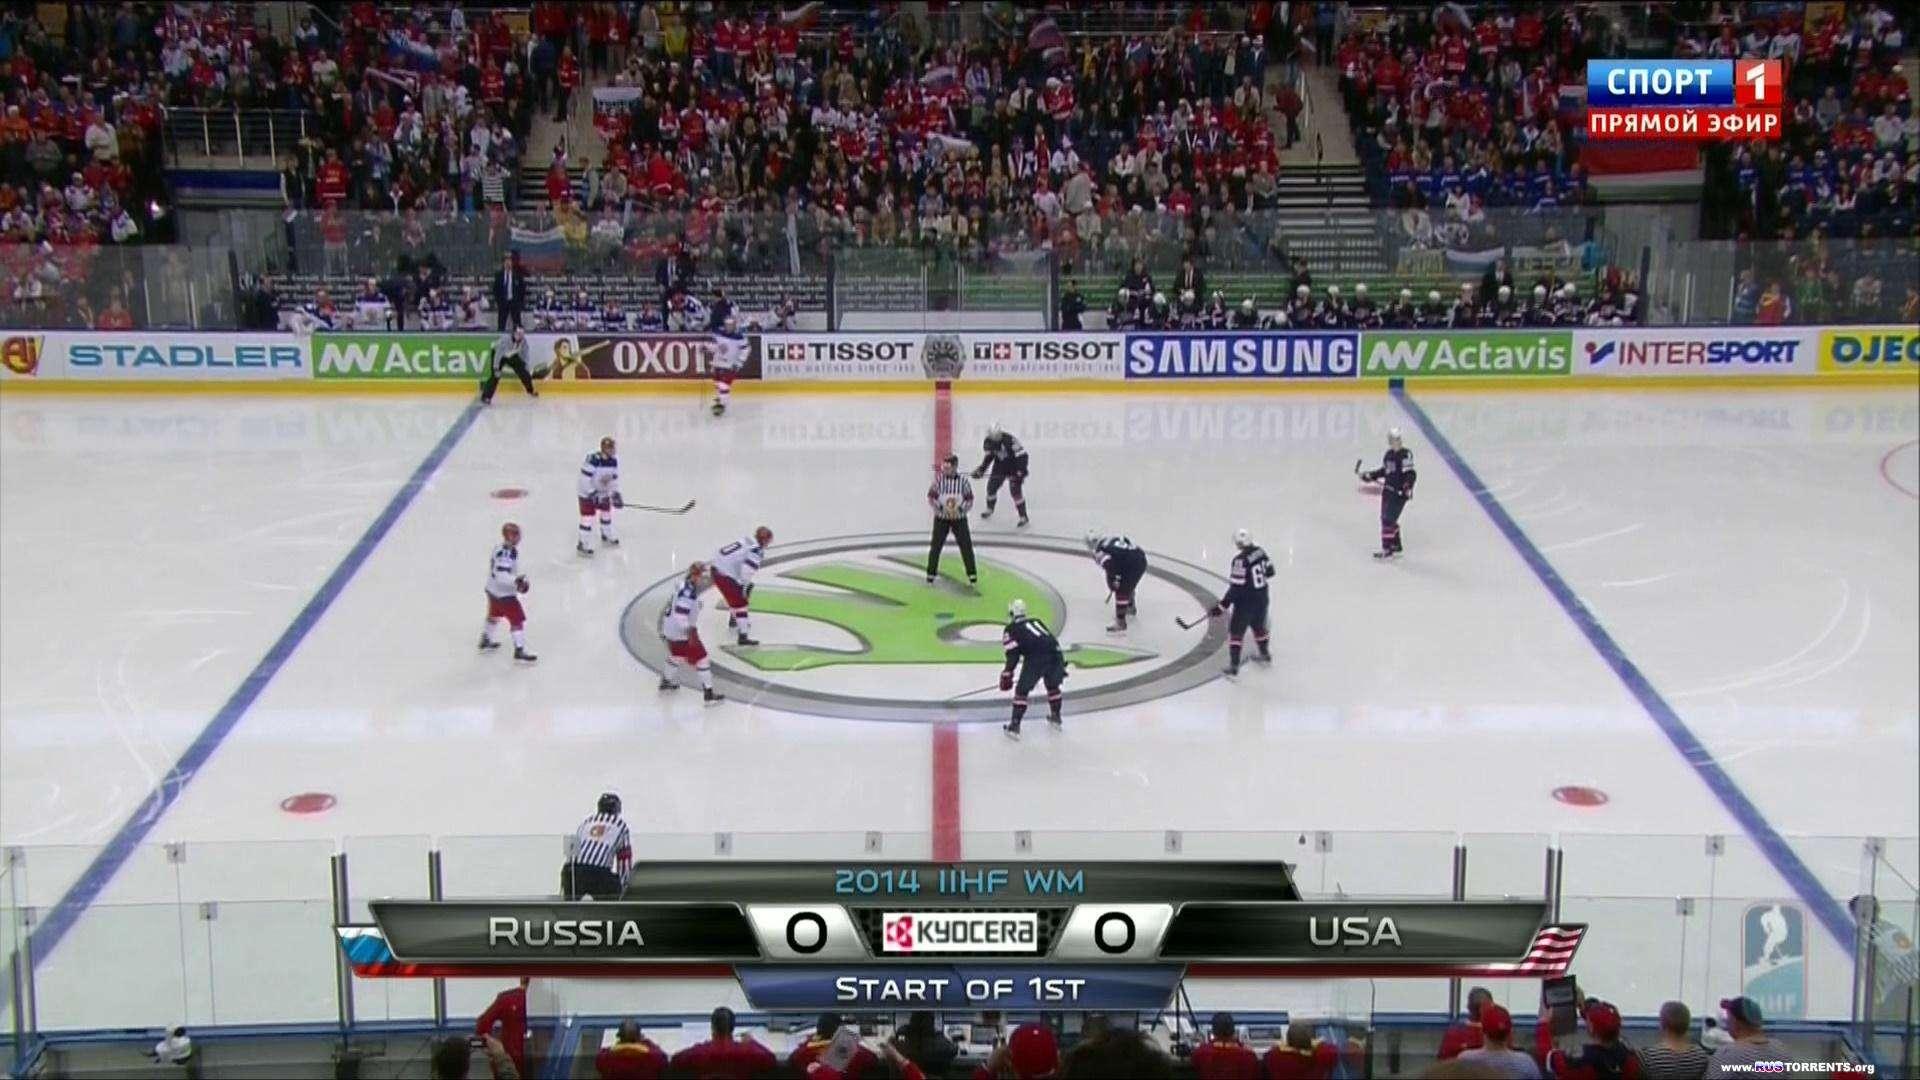 Хоккей. Чемпионат Мира-2014. Группа В. 3-тур. Россия - США   HDTV 1080i